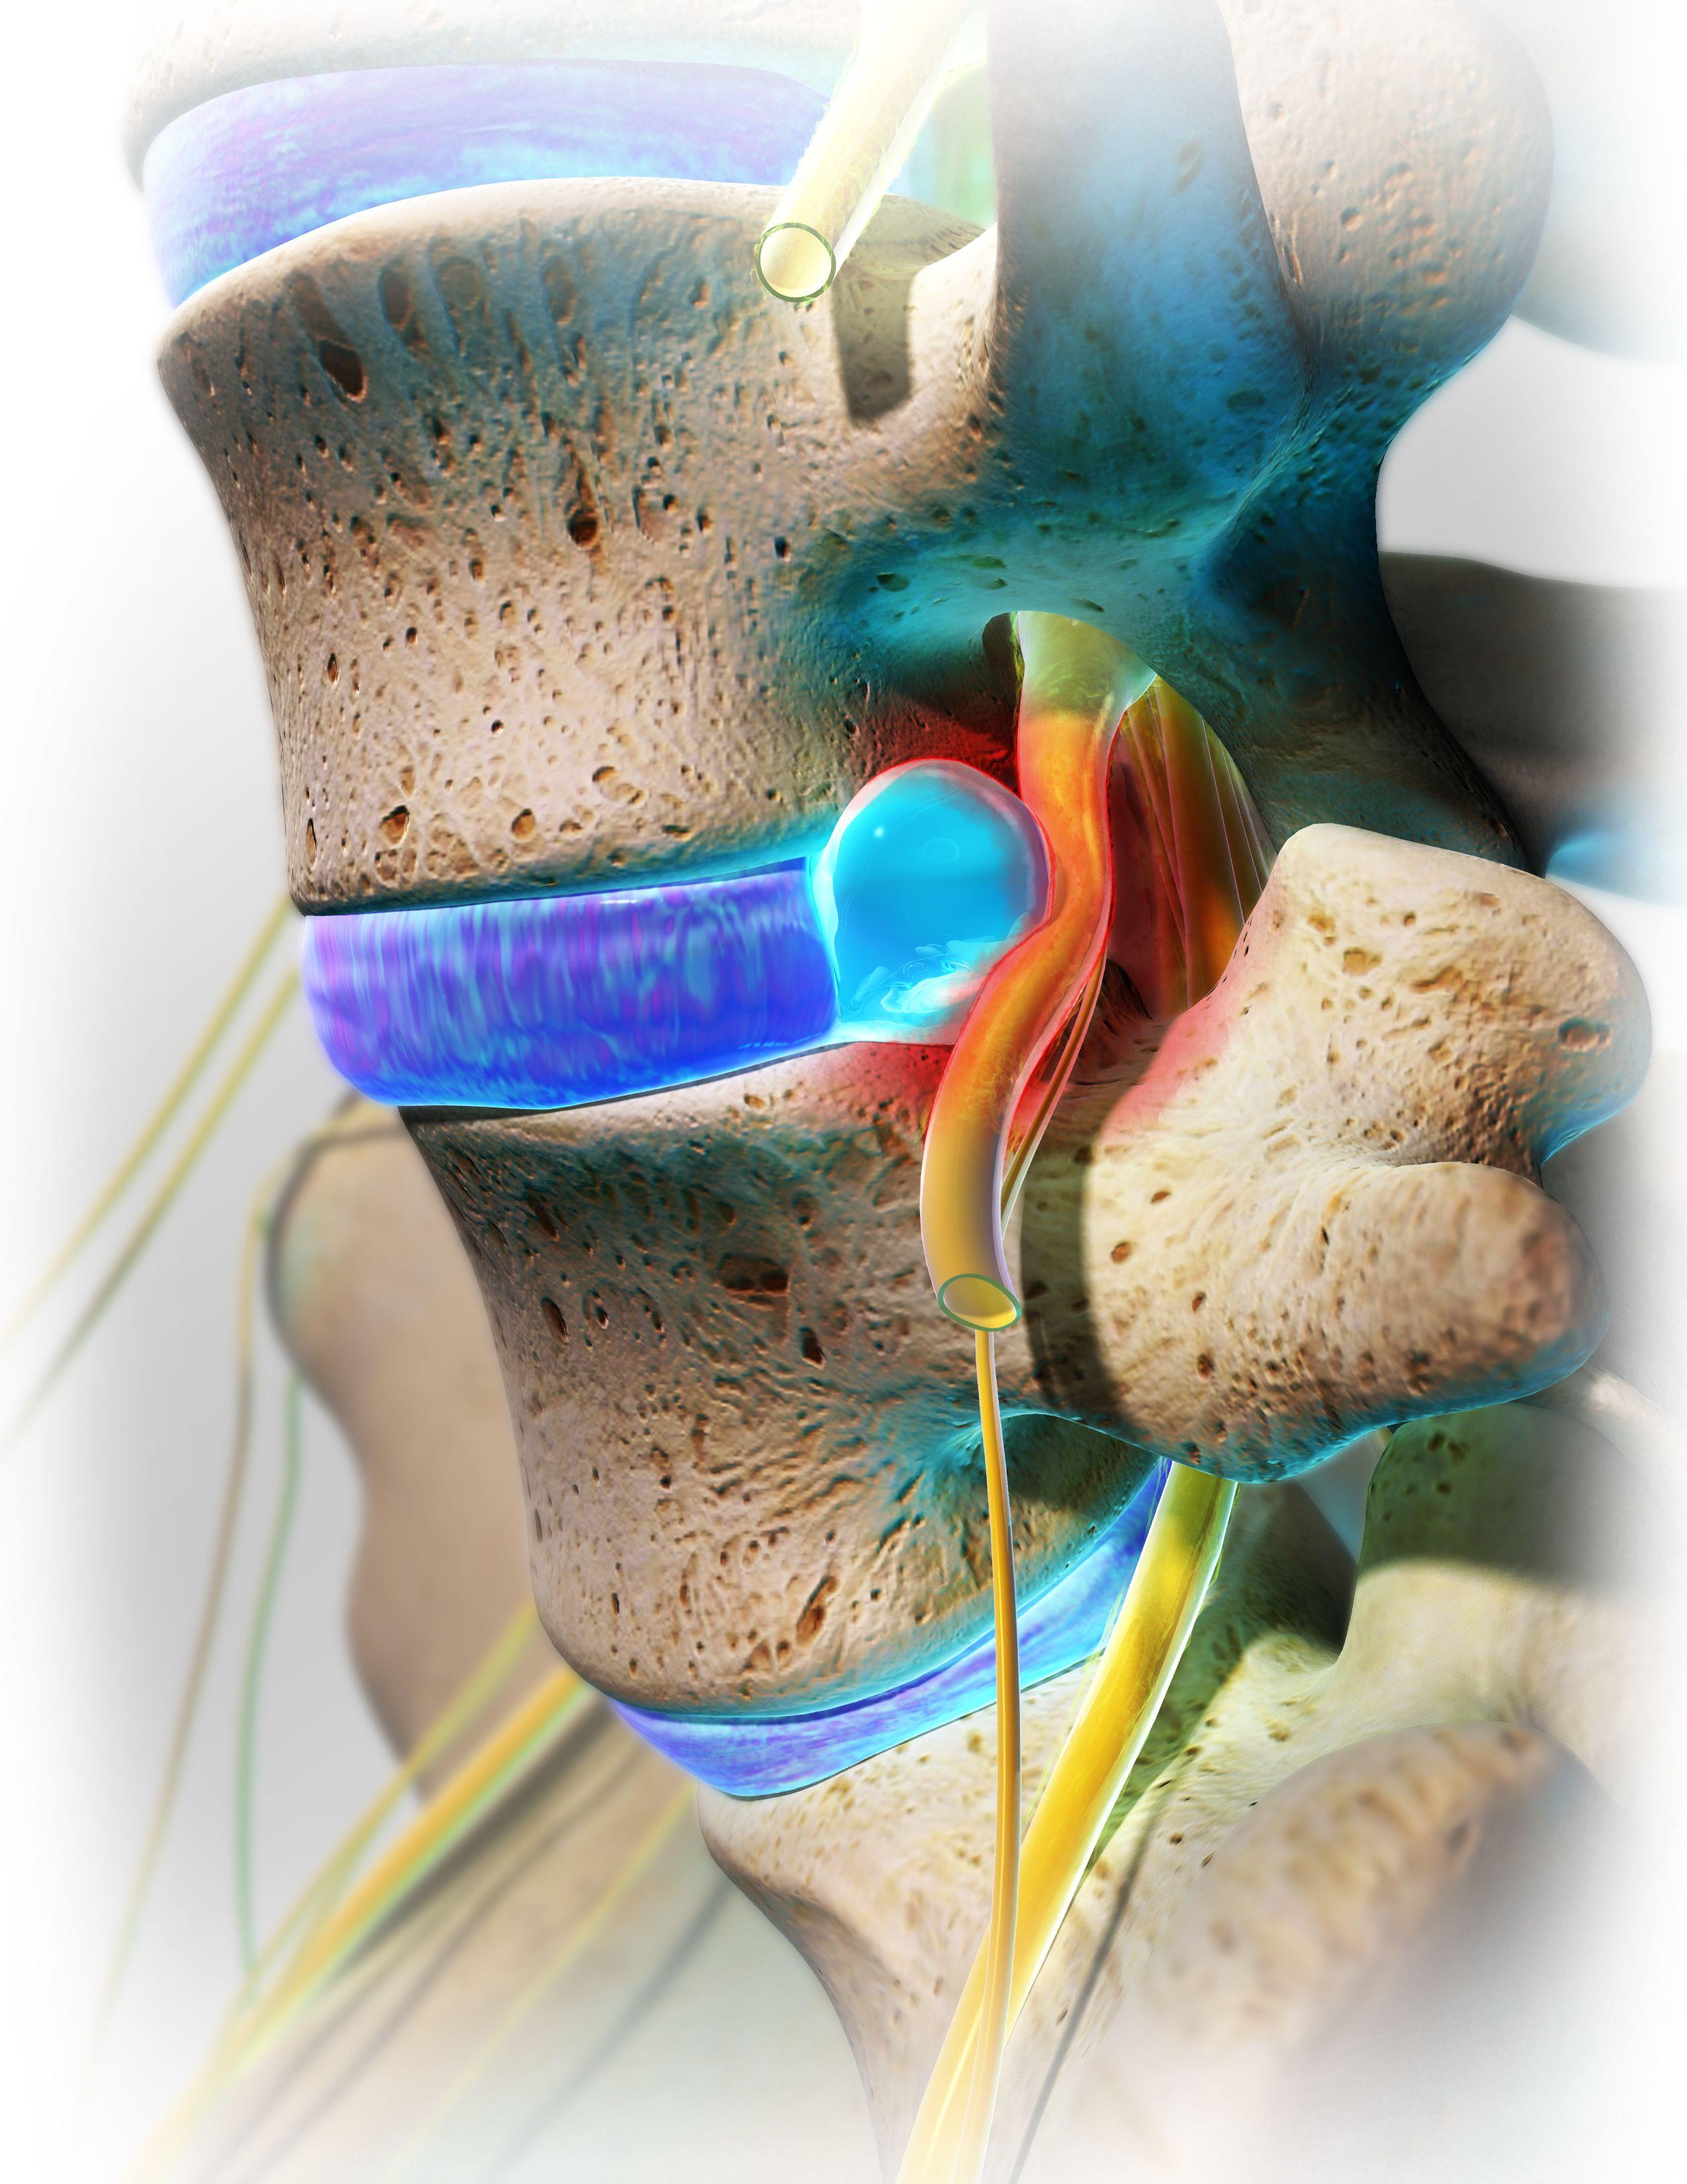 vyprosal ízületi fájdalommal a legjobb az artrózis kezelésében